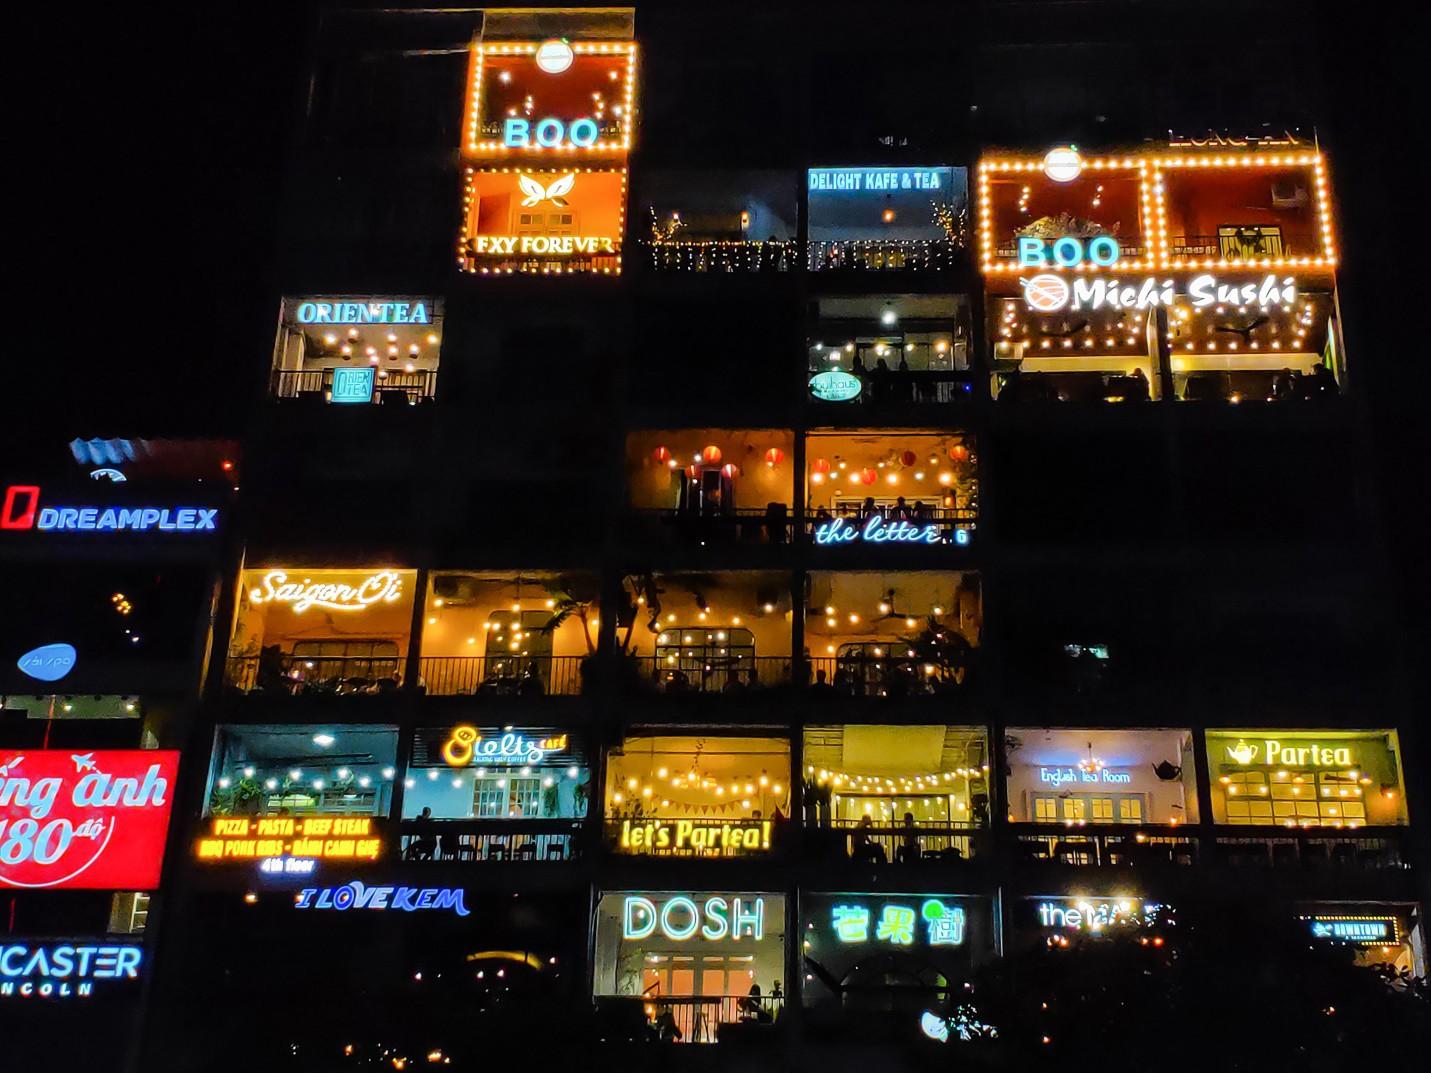 Ấn tượng sắc màu Sài Gòn về đêm qua lăng kính của OPPO R17 PRO - Ảnh 8.